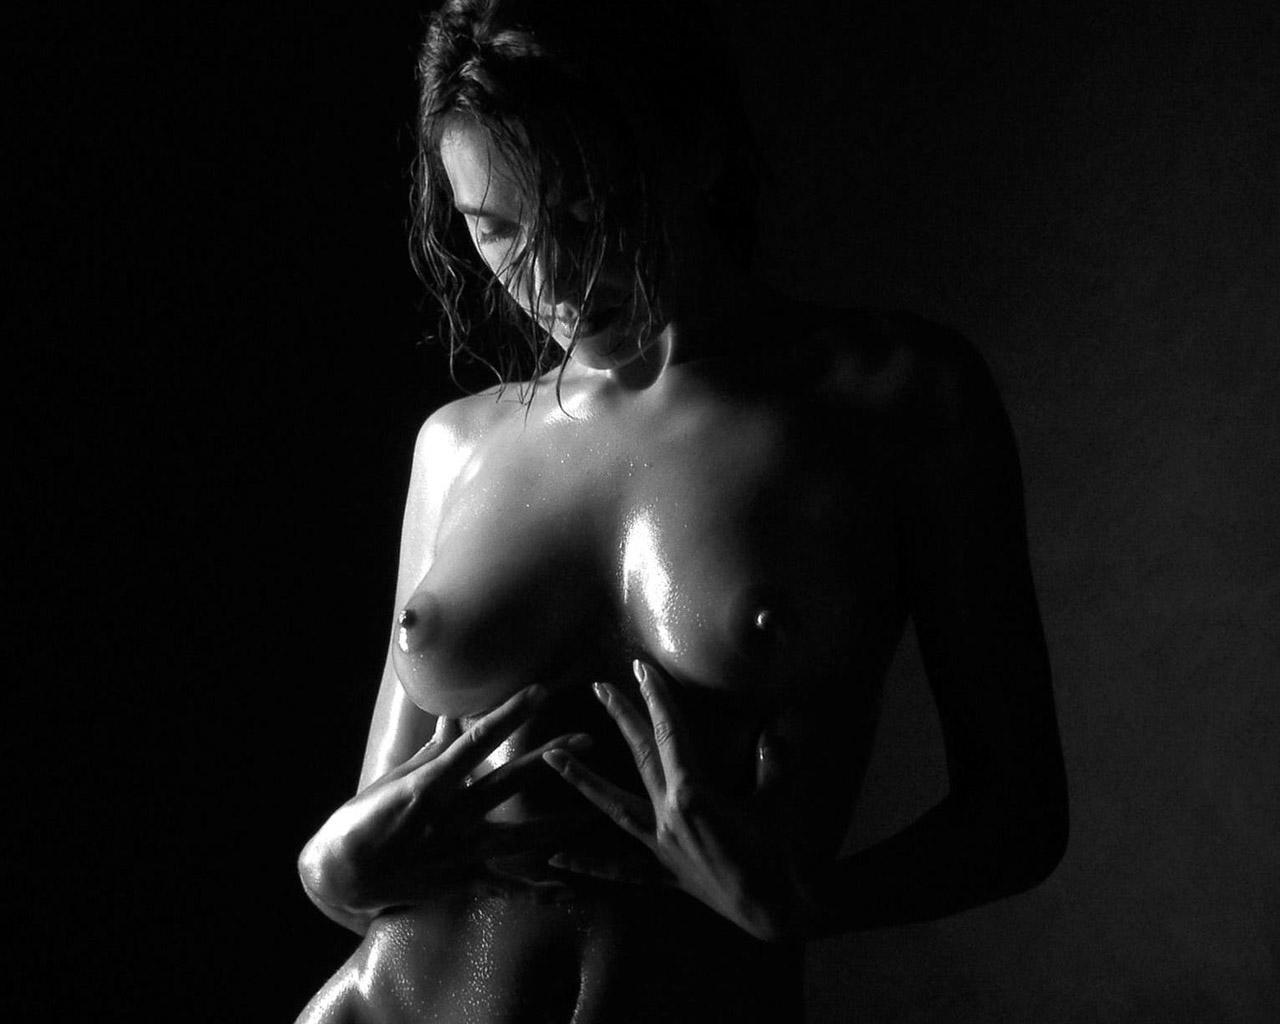 Эротические черно белые фото девушек 5 фотография